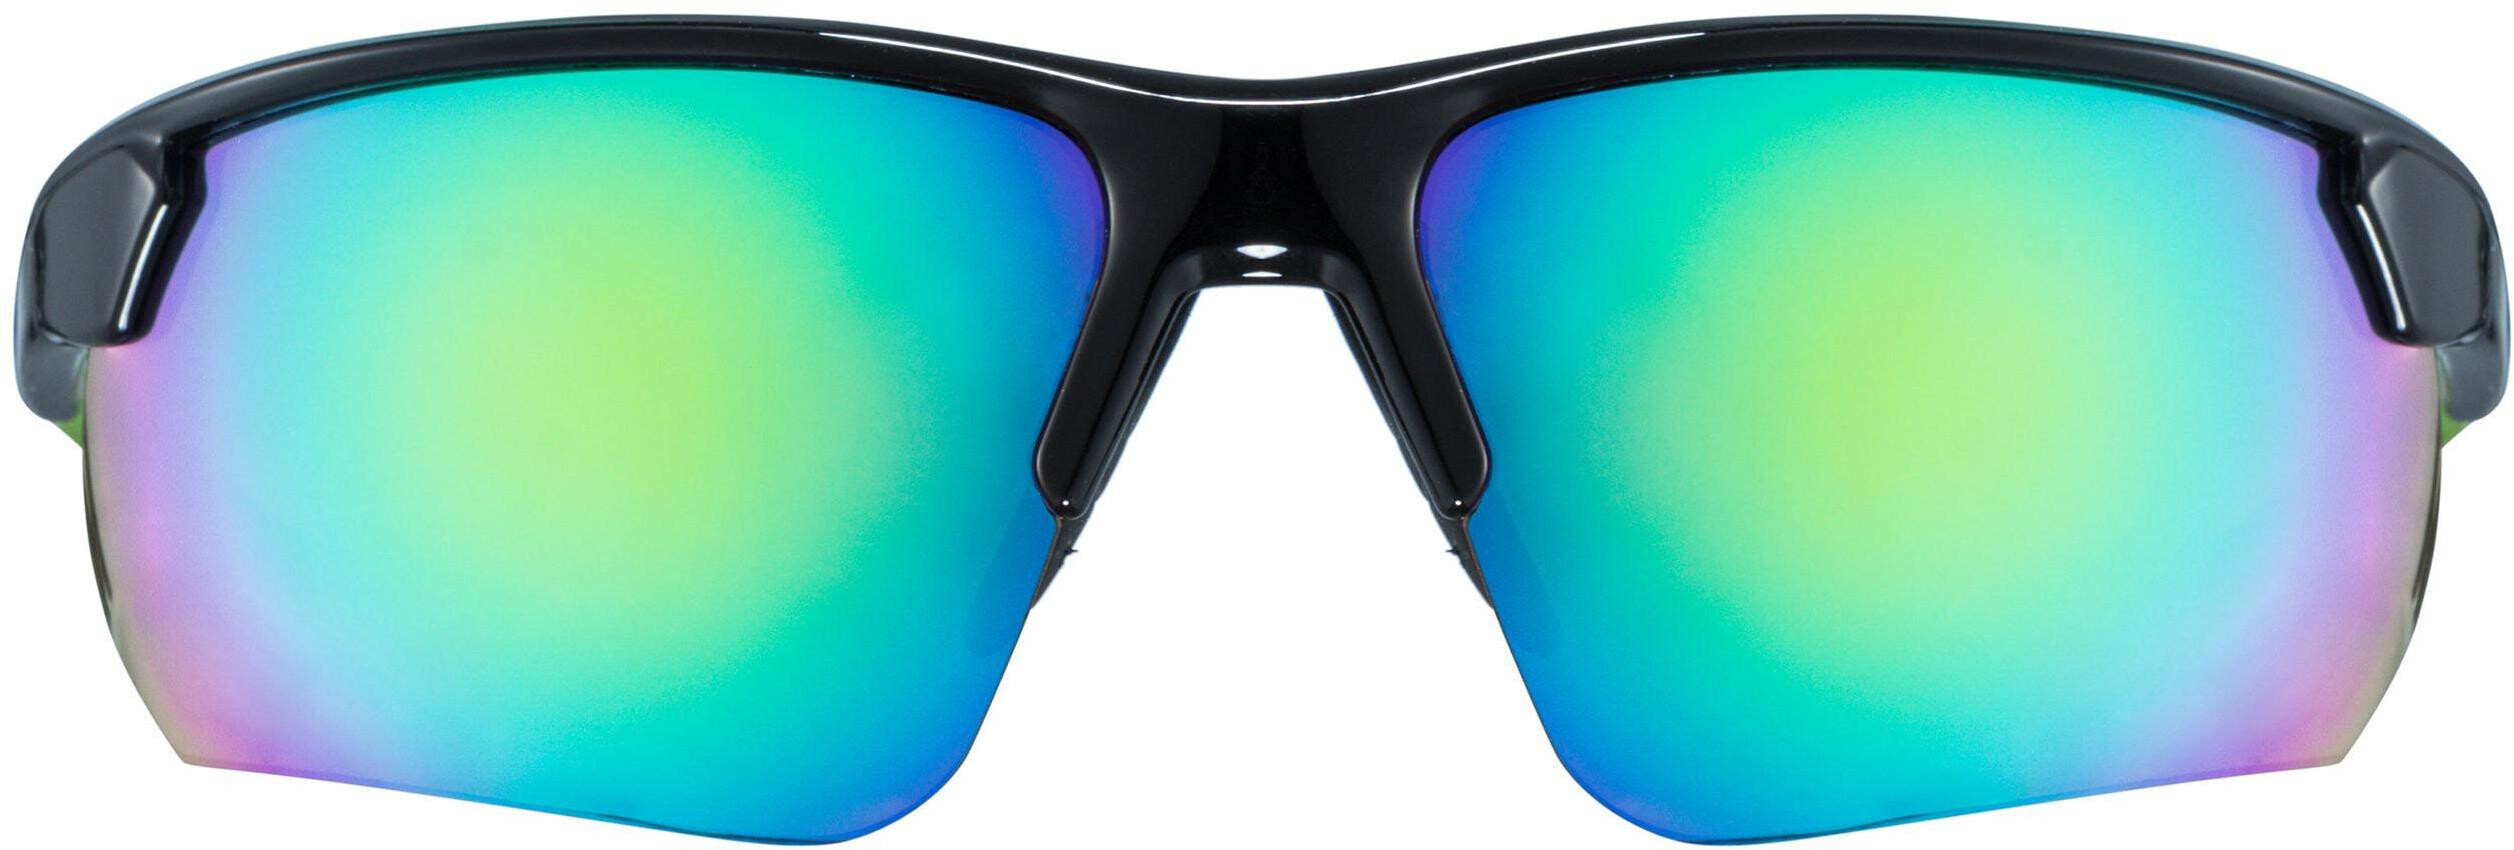 5a958095c5dfd UVEX Sportstyle 221 - Lunettes cyclisme - vert noir - Boutique de ...